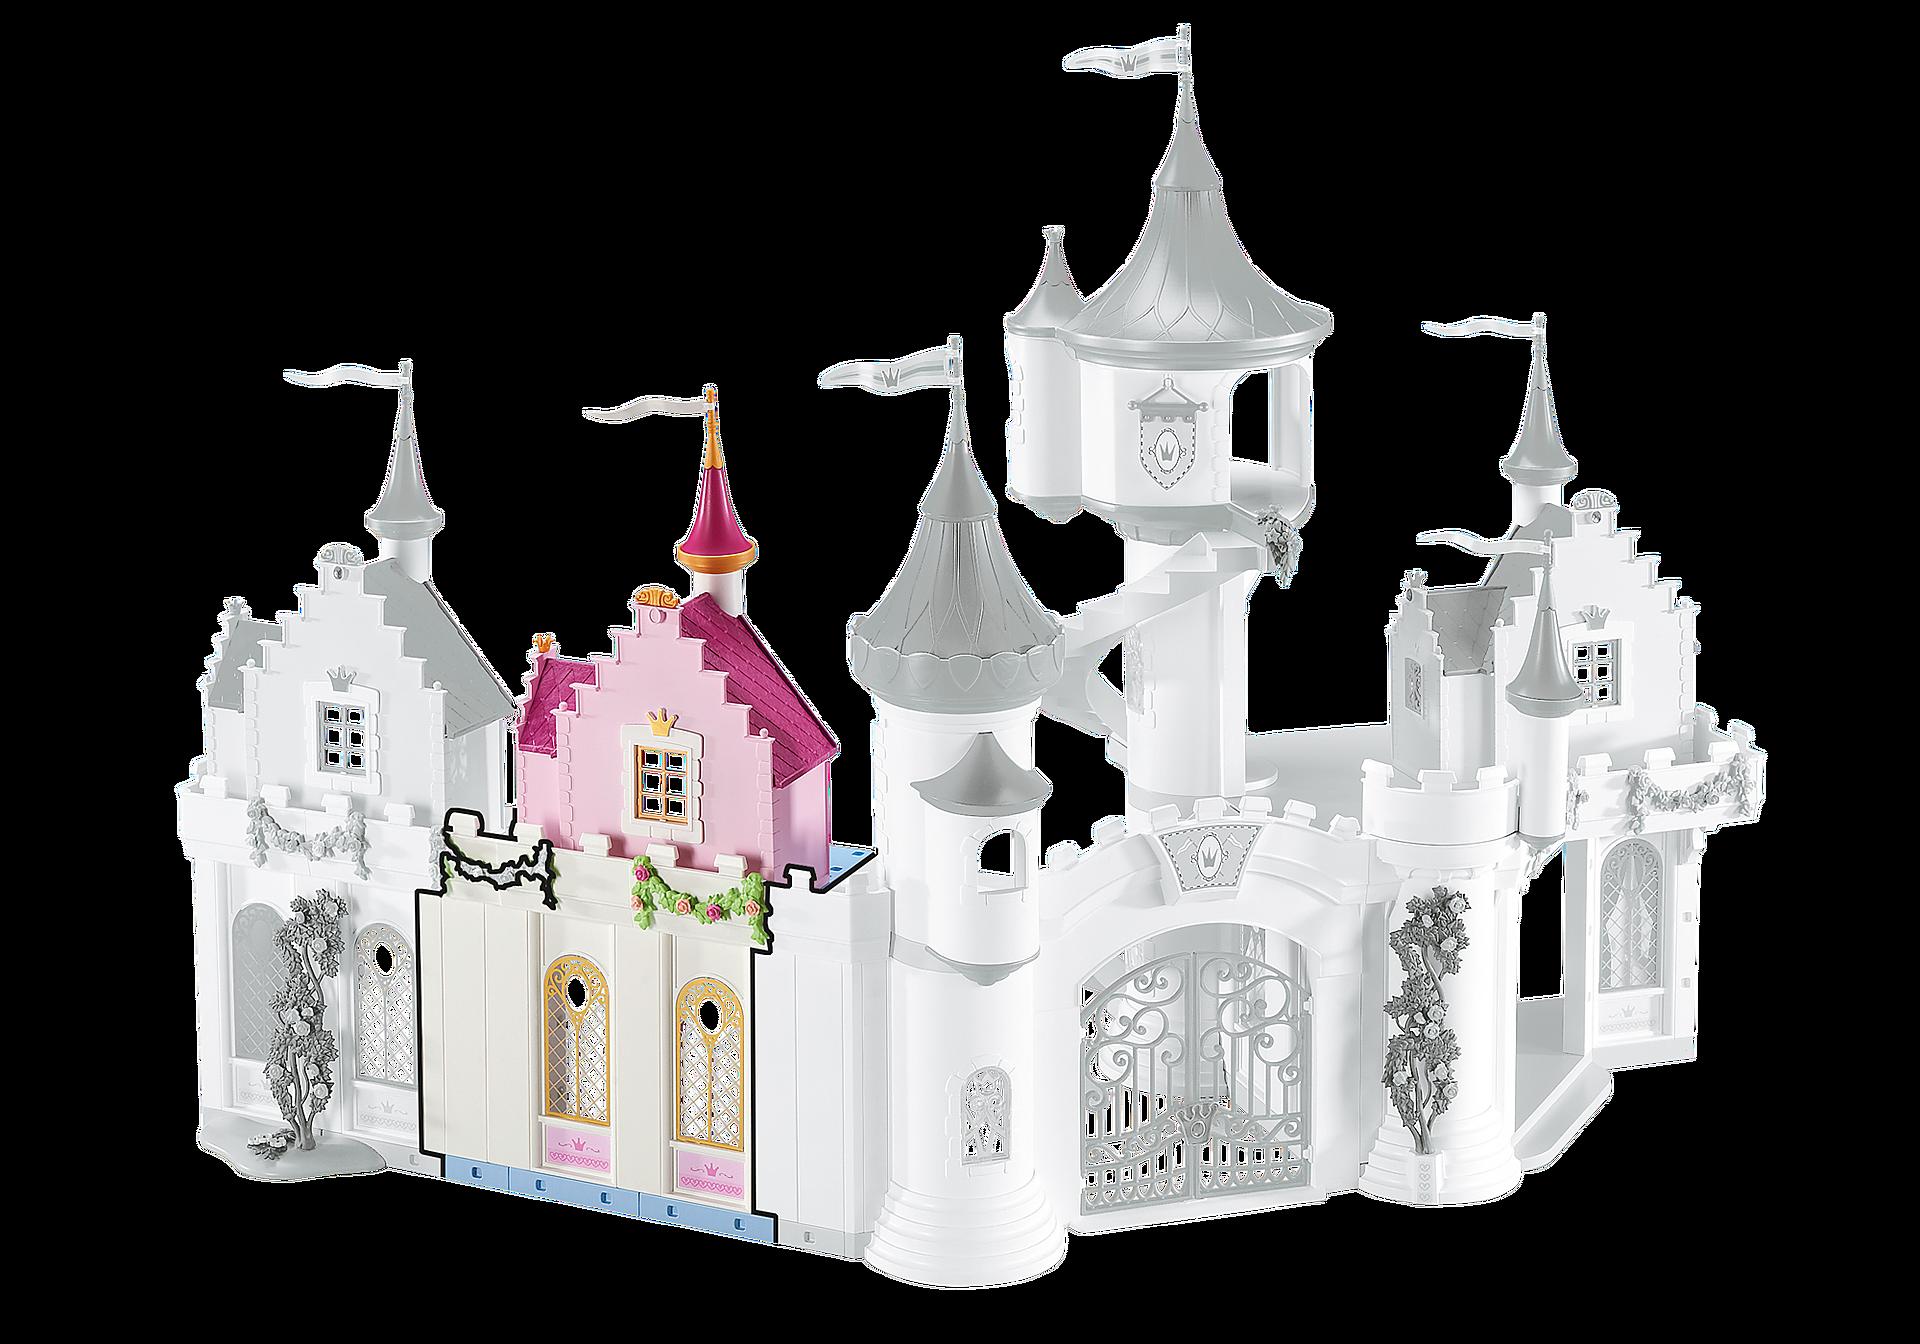 6519 uitbreidingsset B voor het koninklijk paleis zoom image1